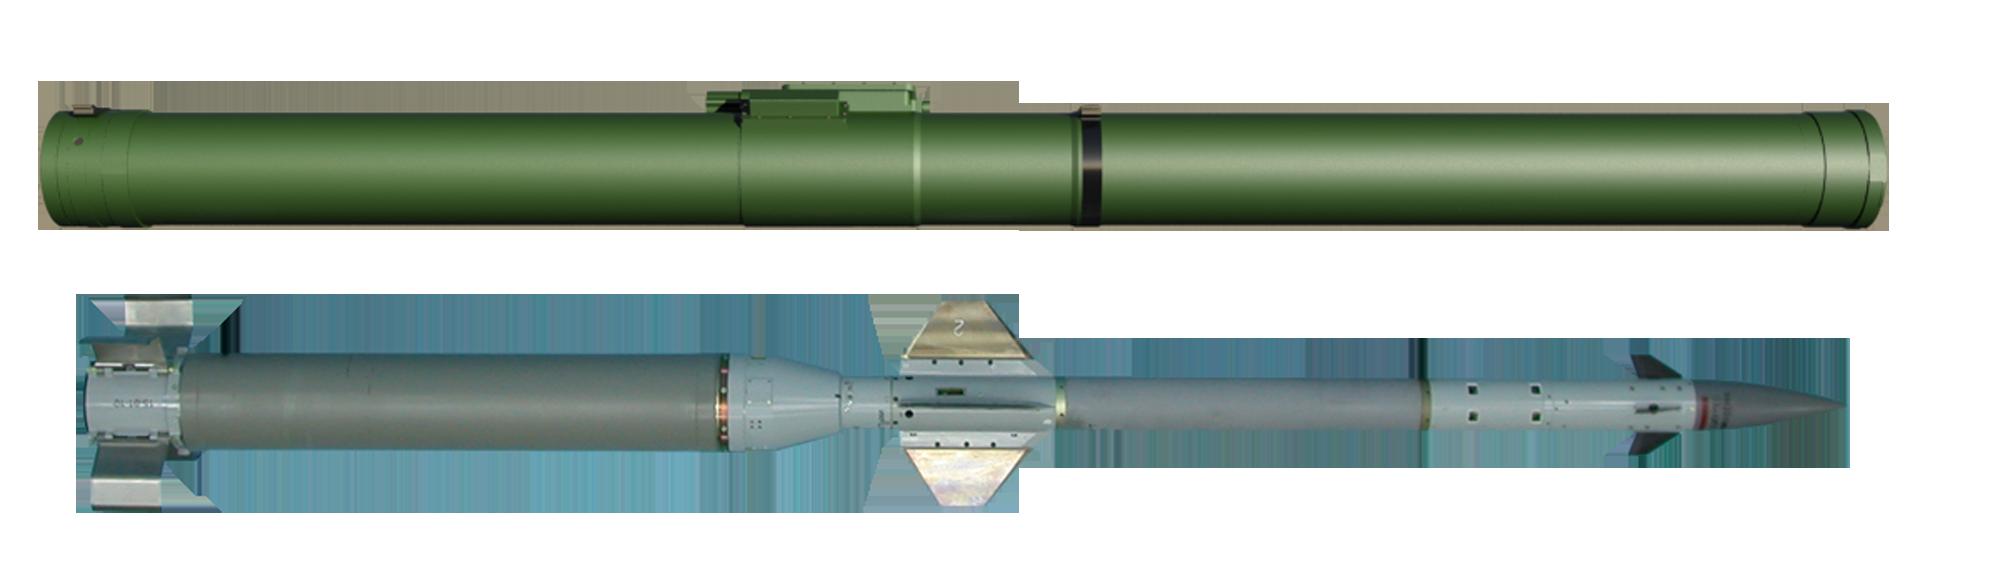 Il sistema antiaereo «Sosna»